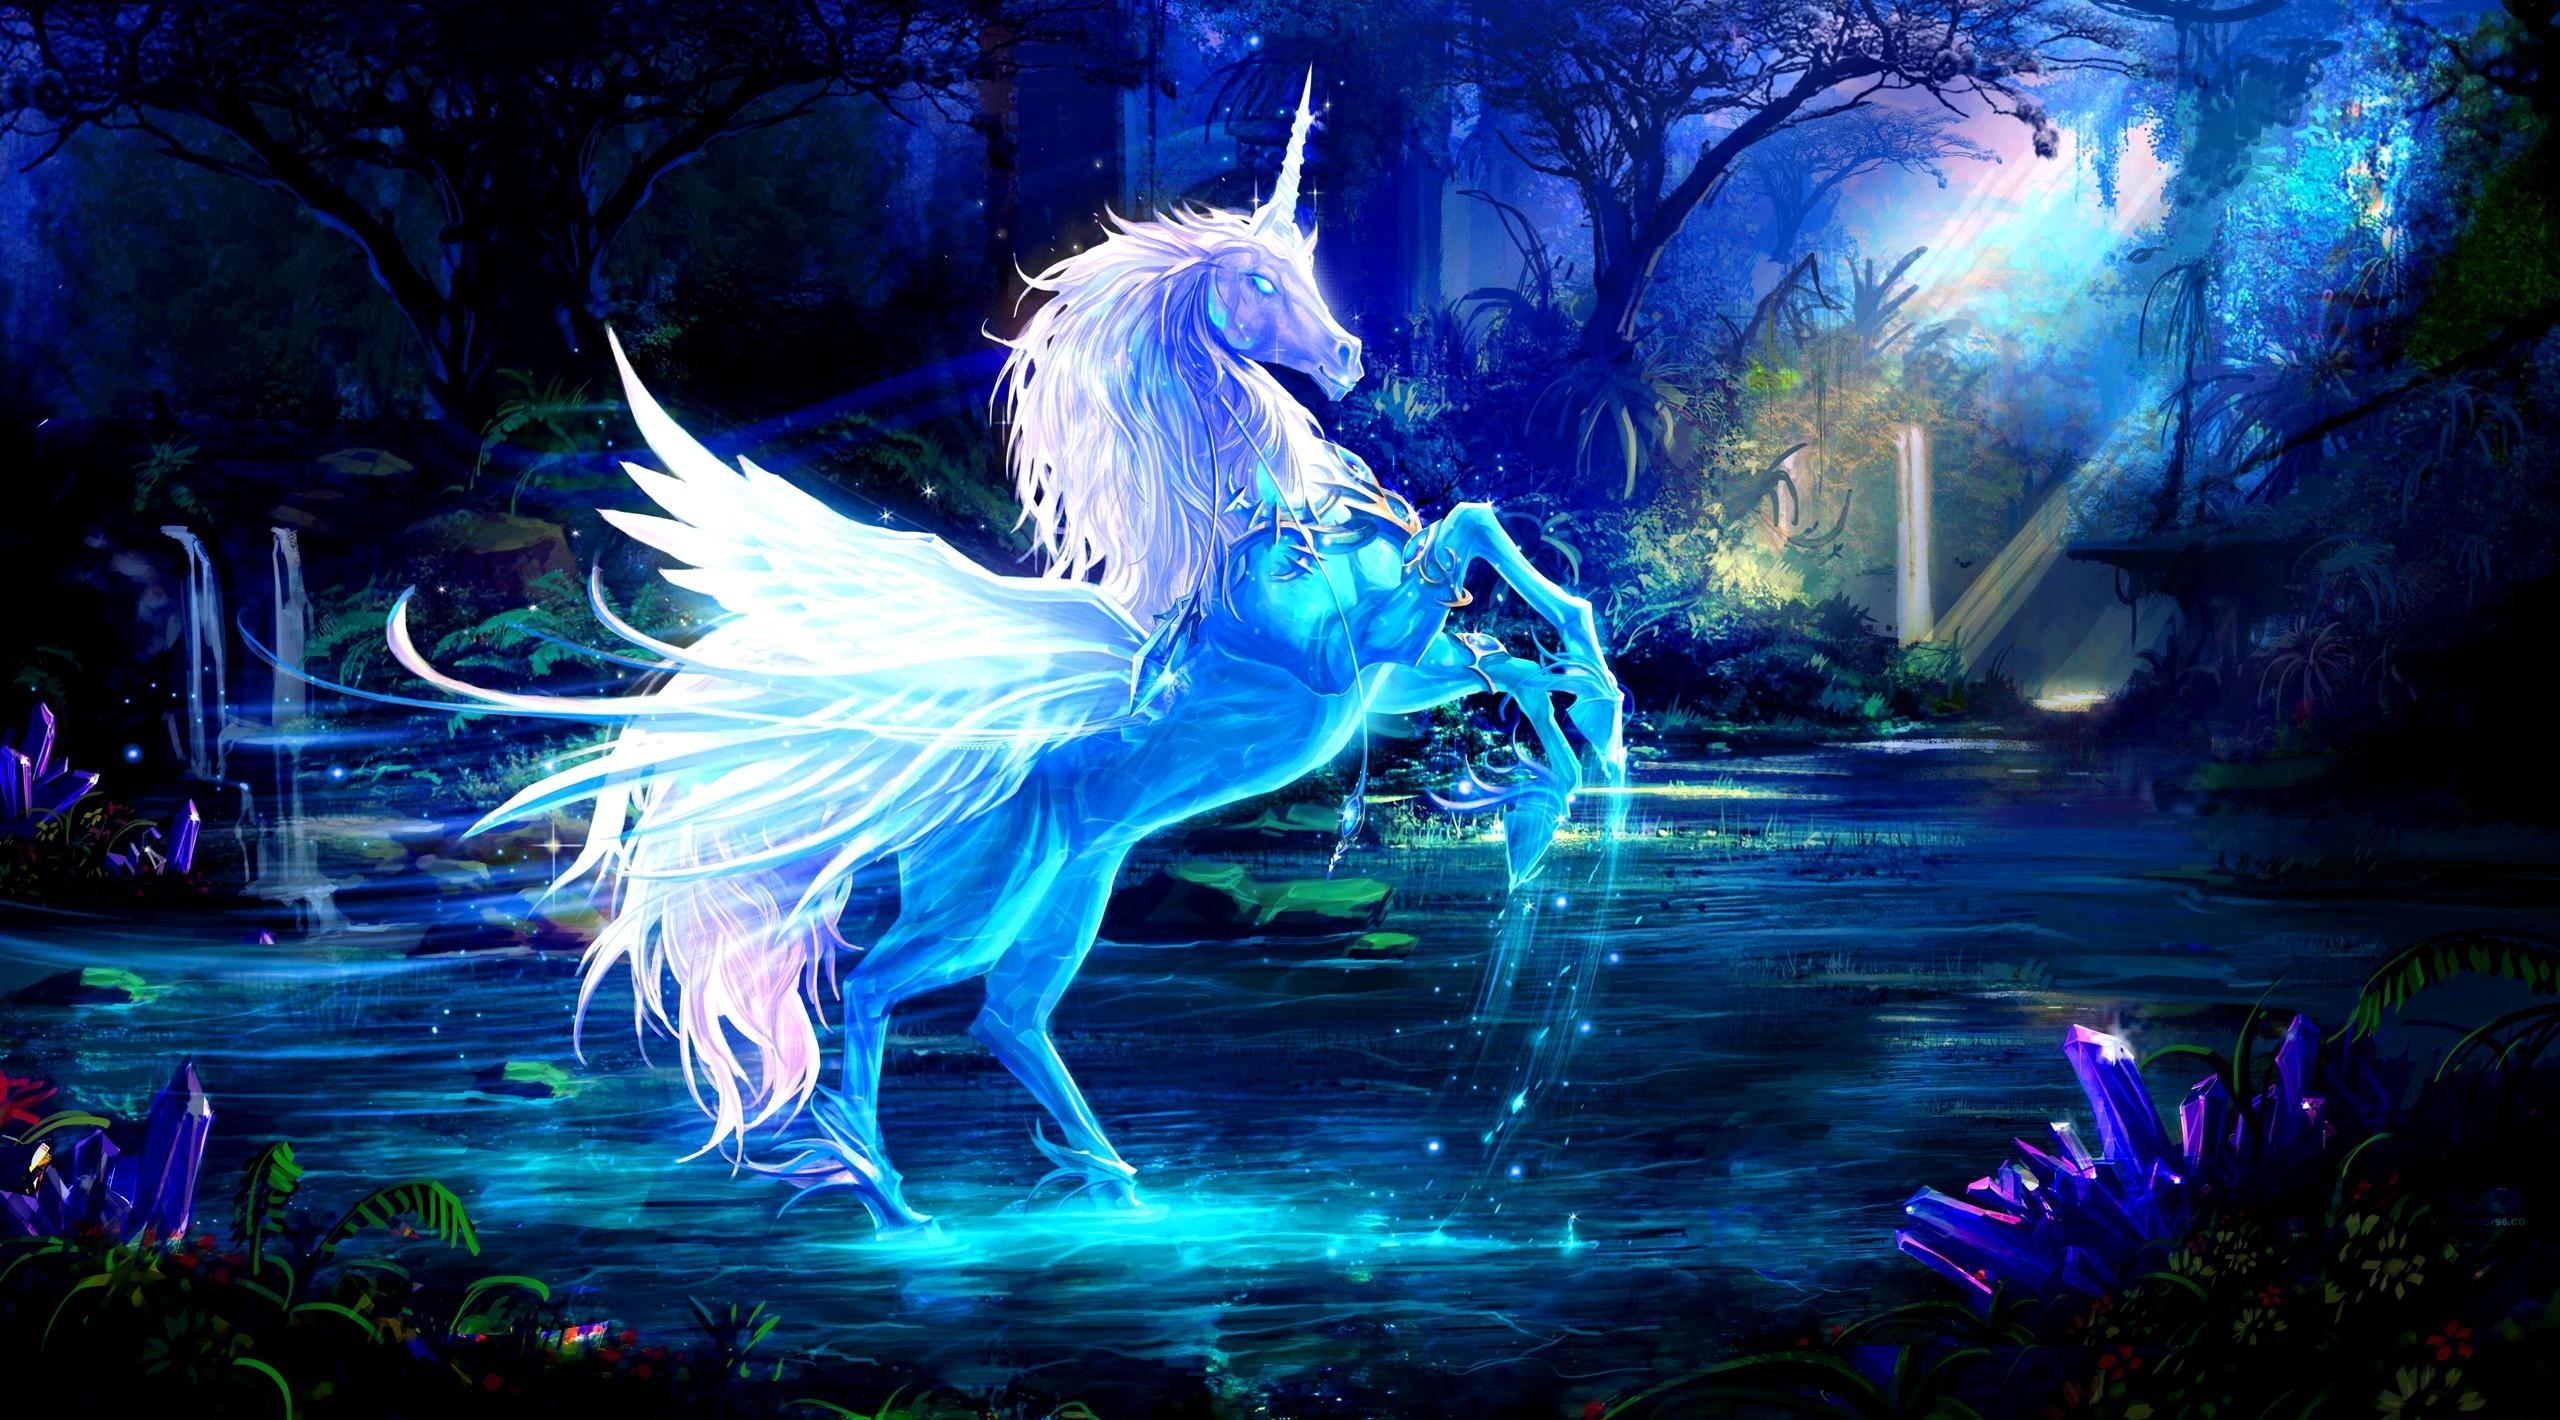 Fondos De Pantalla Unicornio Agua Bosque Noche Magia 2560x1420